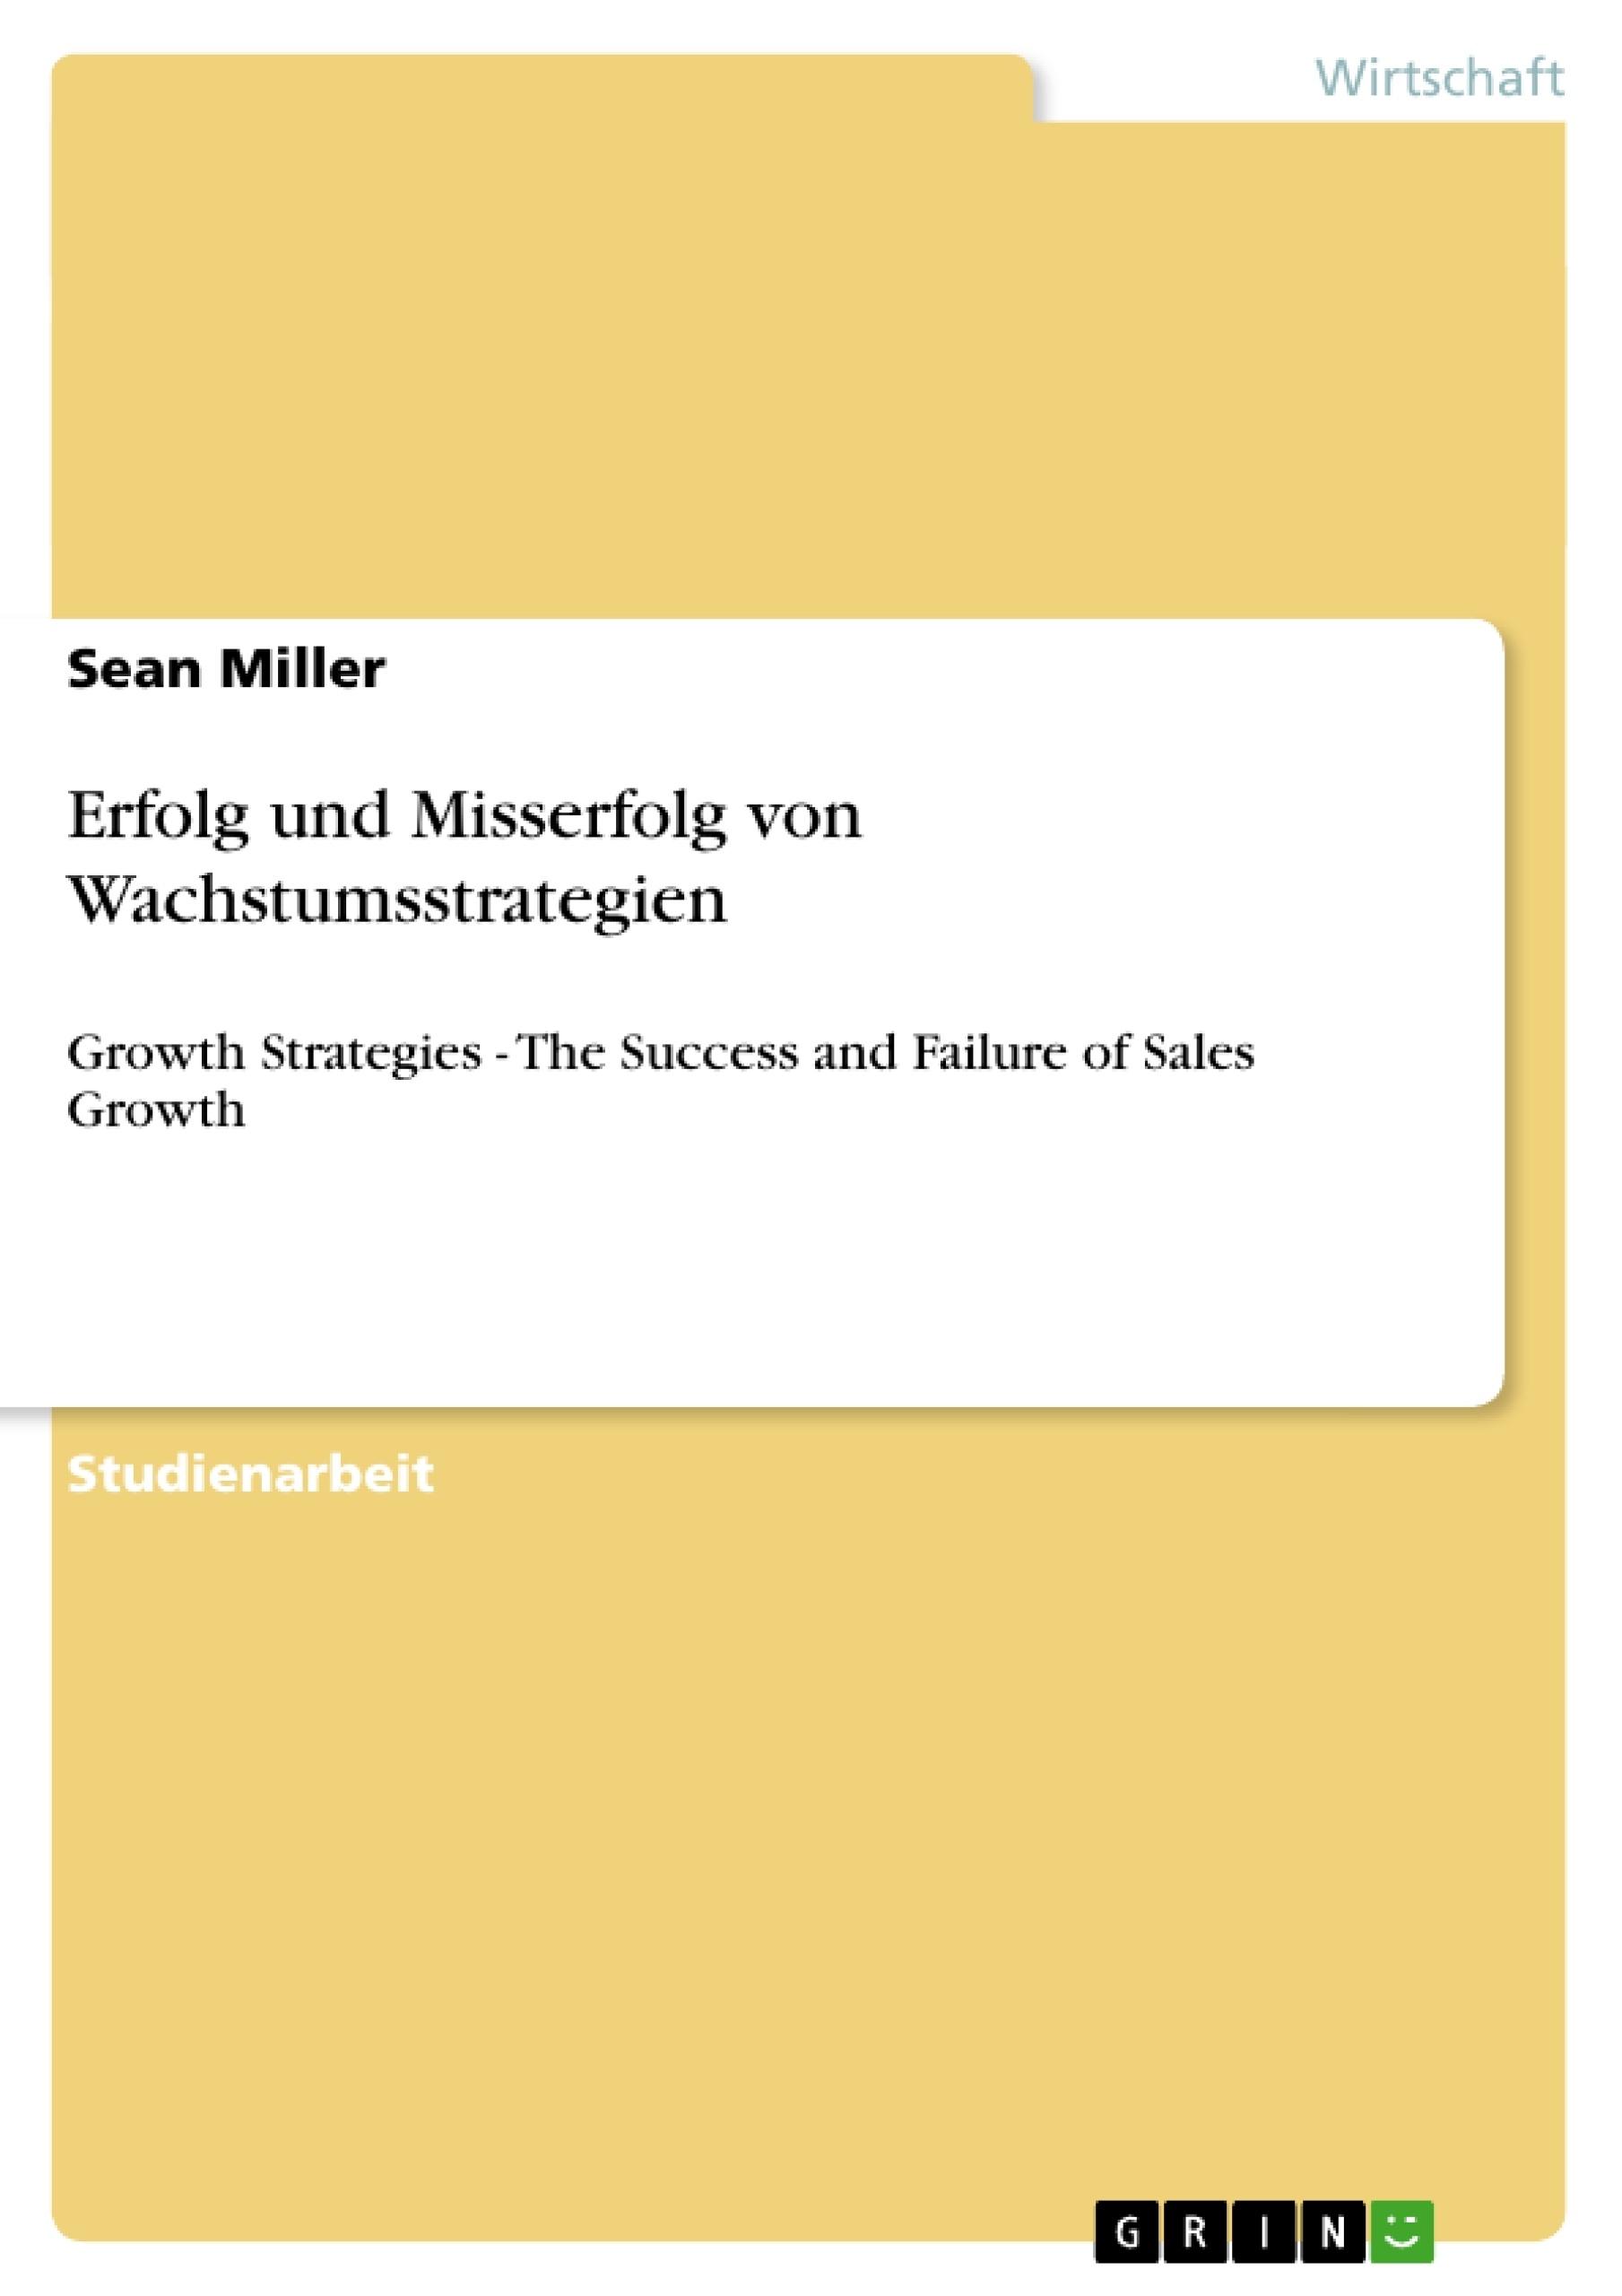 Titel: Erfolg und Misserfolg von Wachstumsstrategien